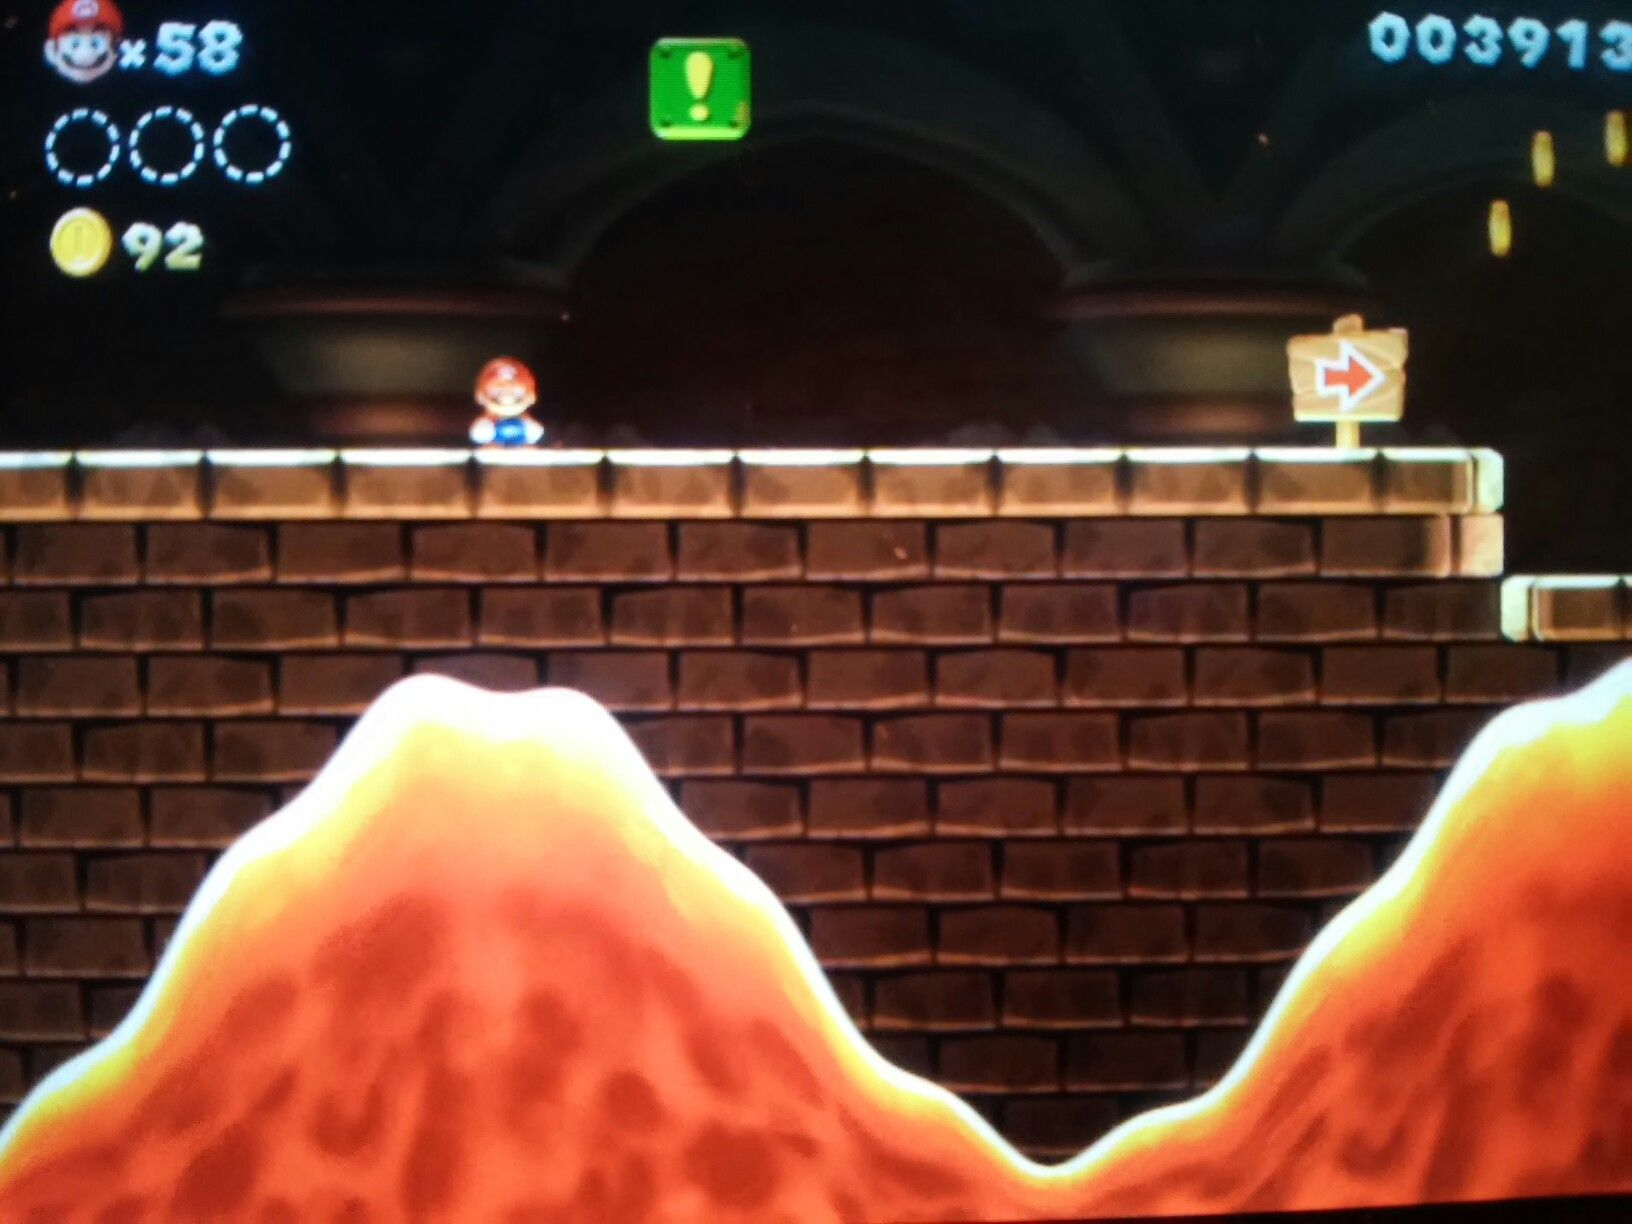 Mario wiiu castle New Super Mario Bros U video games